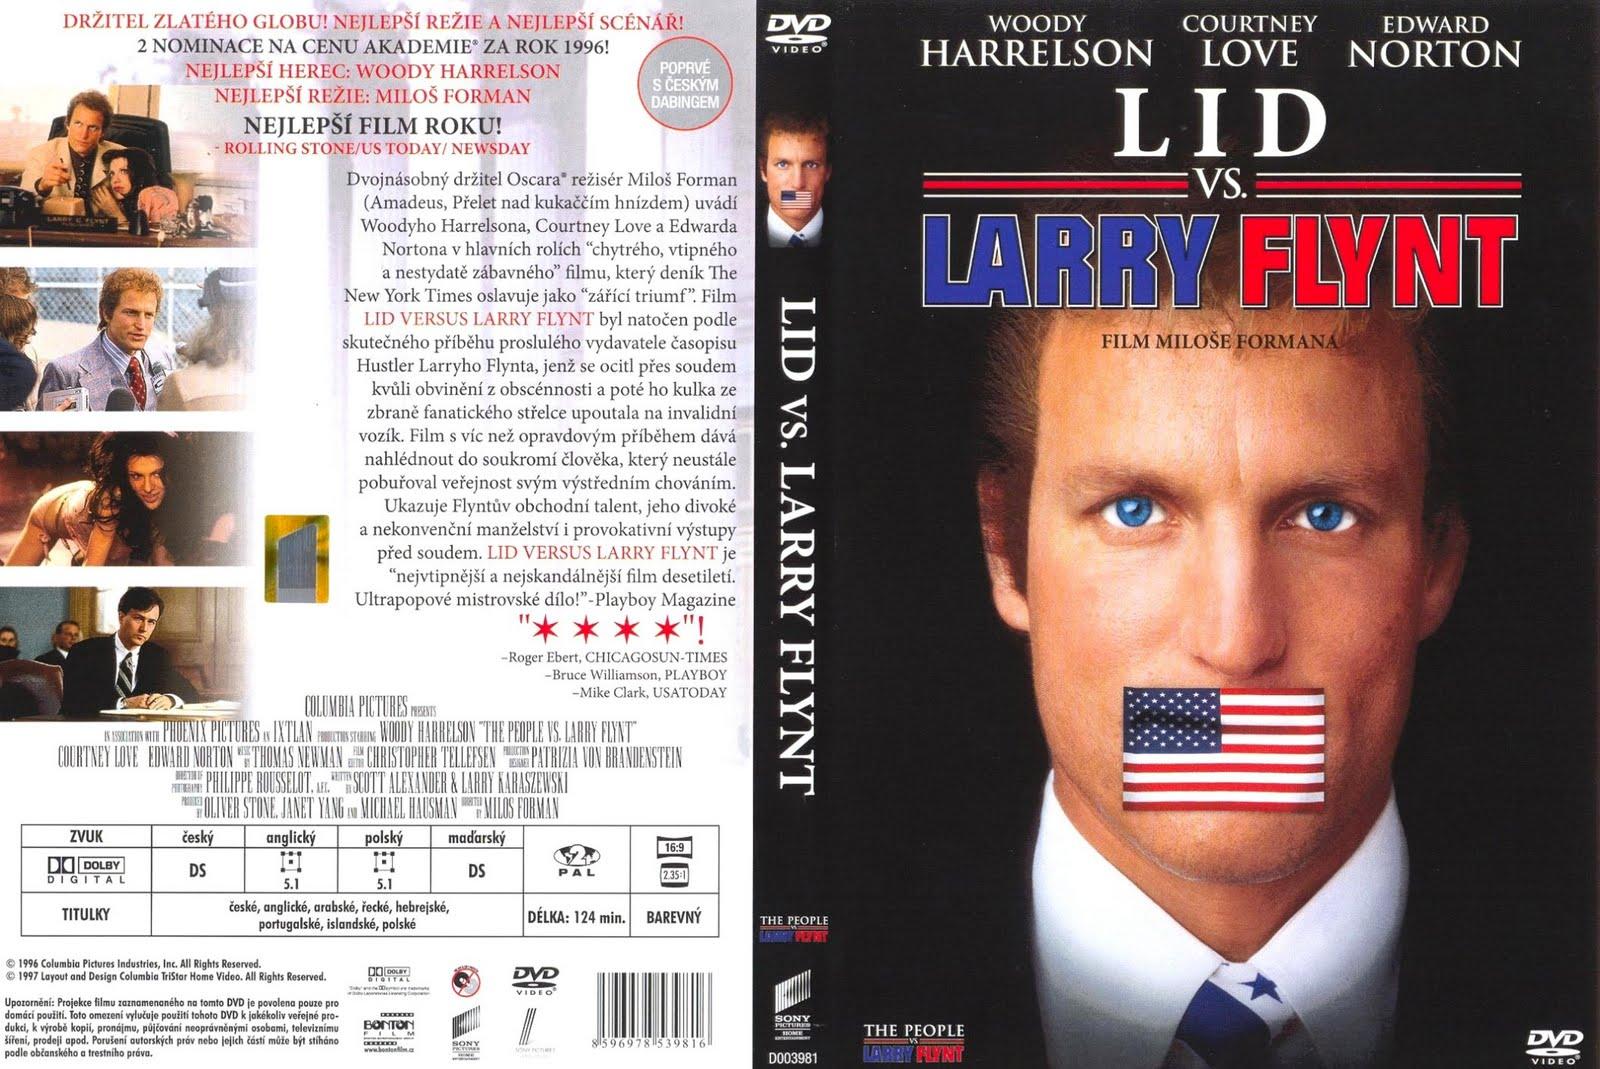 http://2.bp.blogspot.com/-oVlnoW5F4C0/TuzeRKw_vII/AAAAAAACoeo/PHc4XP5It54/s1600/Lid_vs_larry_flynt%2B1996.jpg